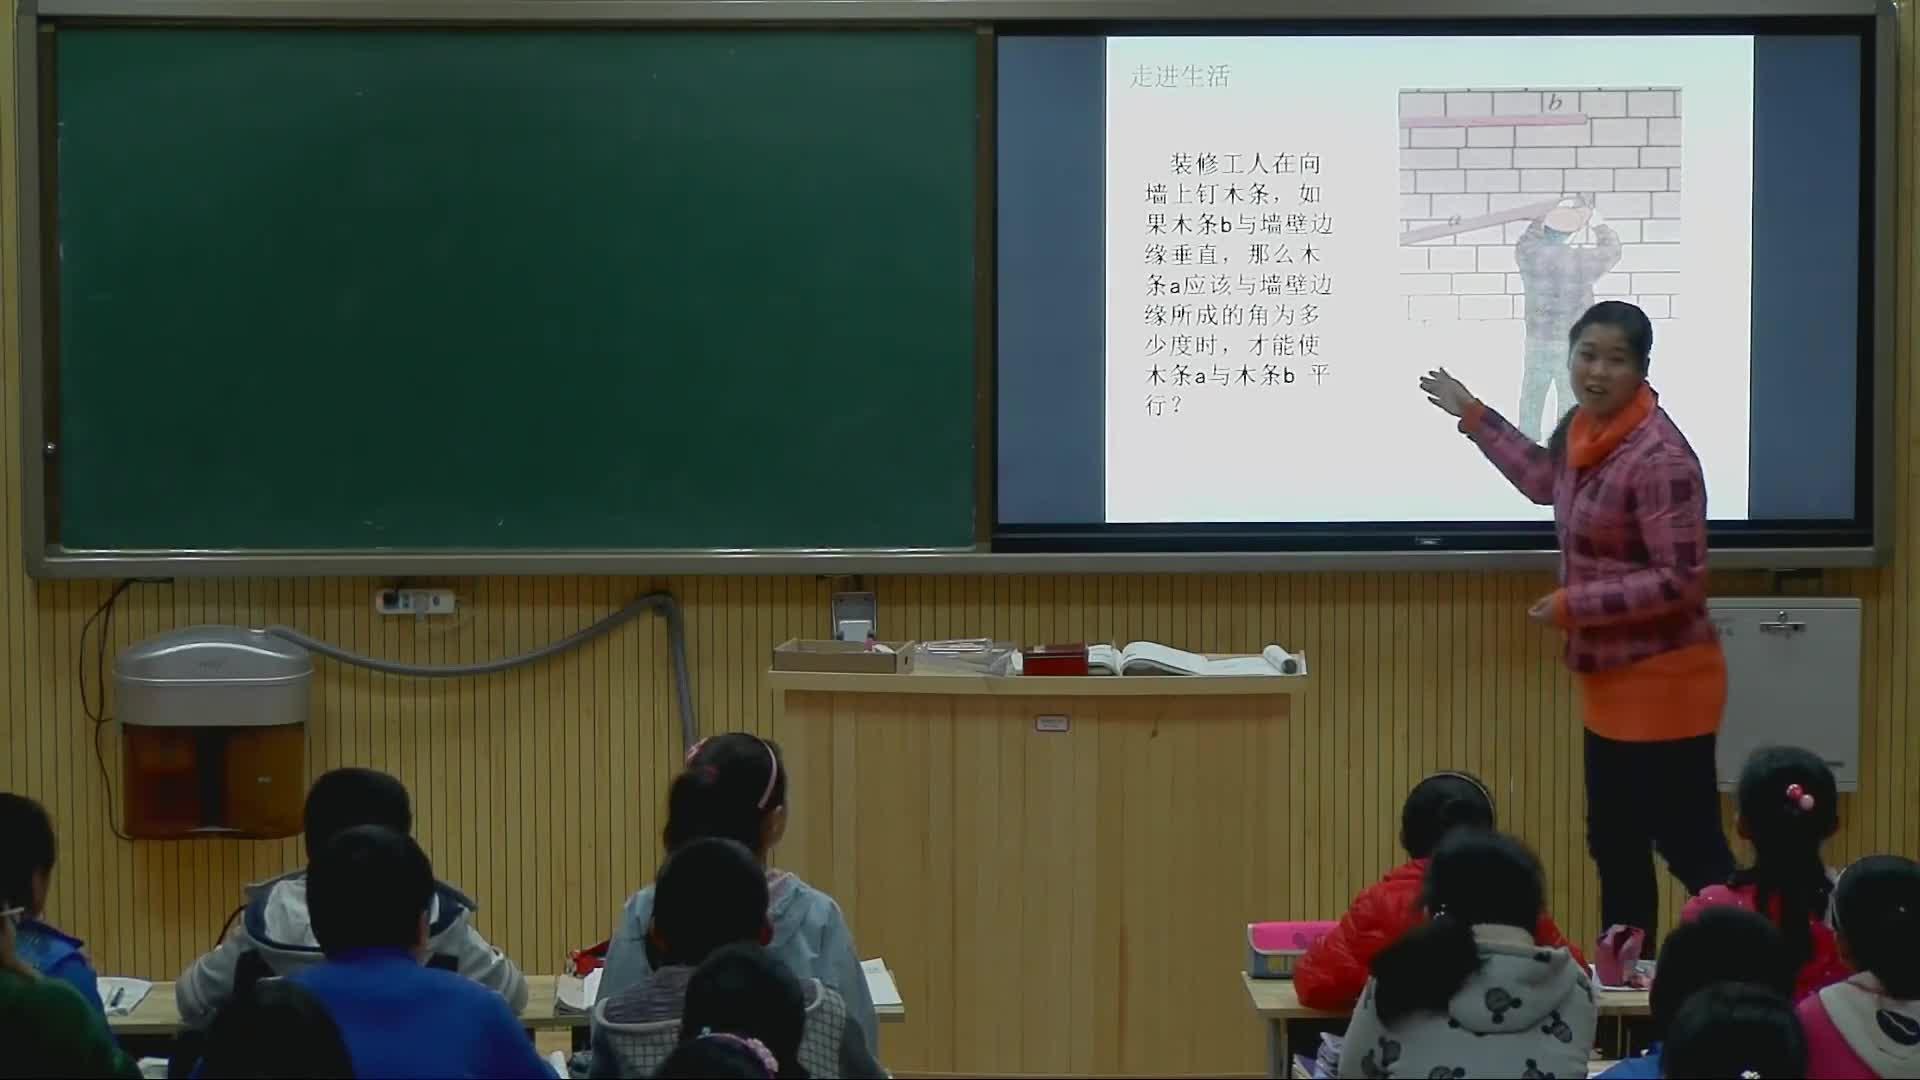 鲁教版(五四制)六年级数学下册 7.2探索直线平行的条件-课堂实录